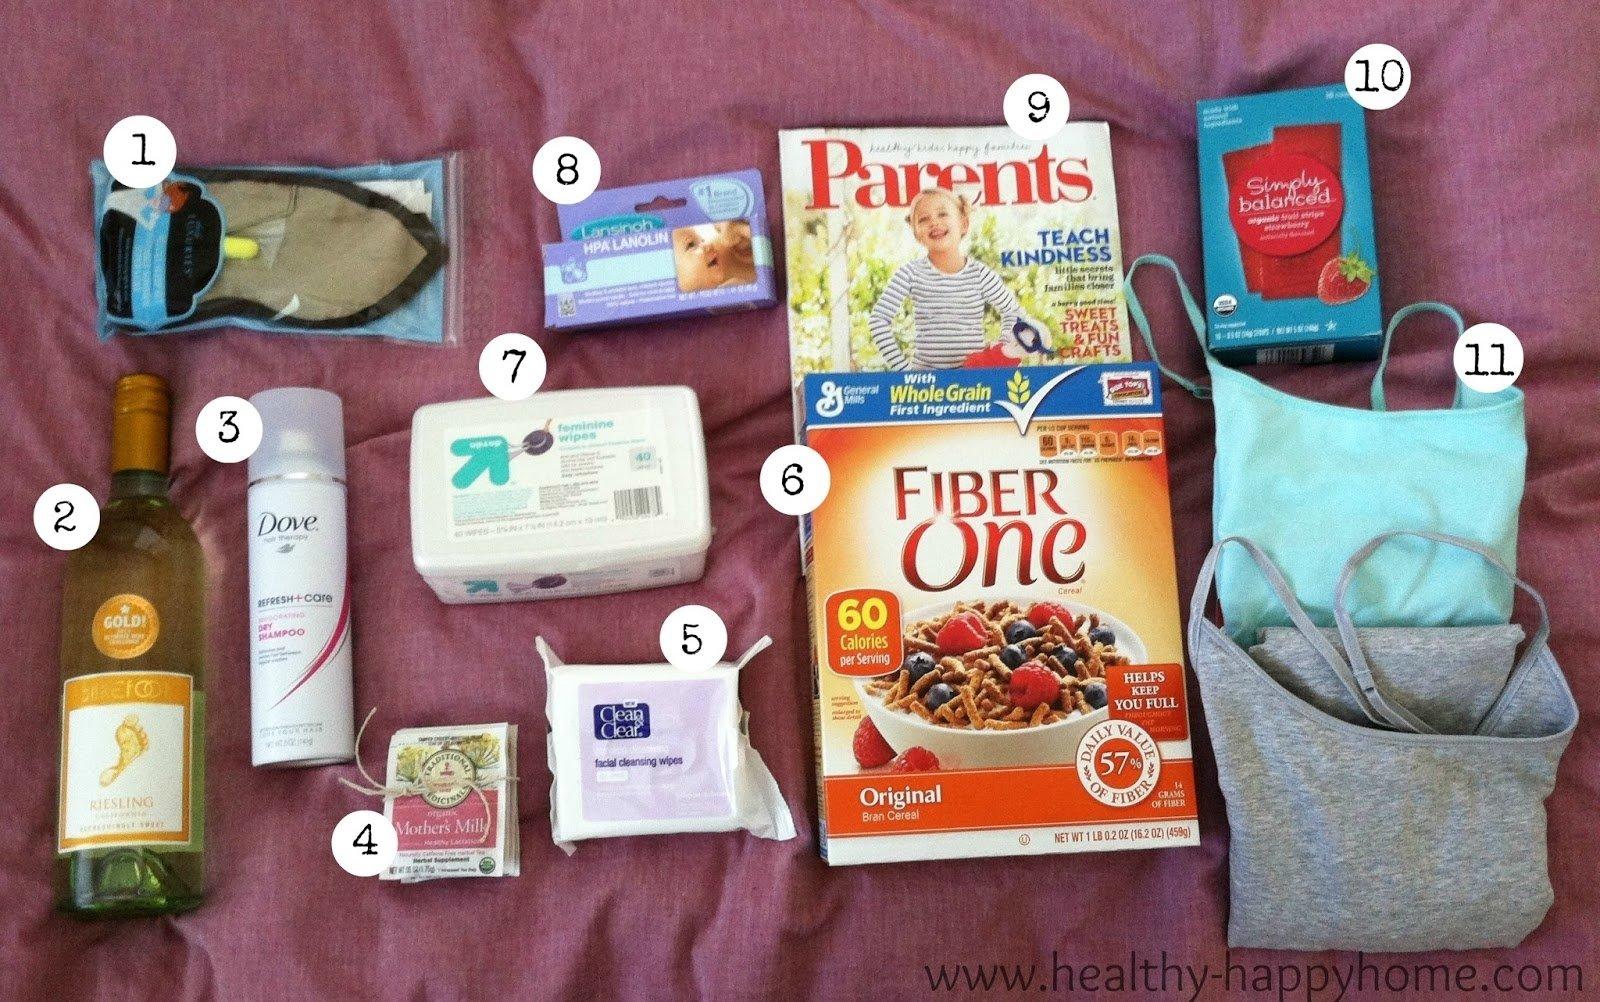 10 Best New Mom Gift Basket Ideas inspiring healthy happy home new mom gift basket baskets for moms 2021